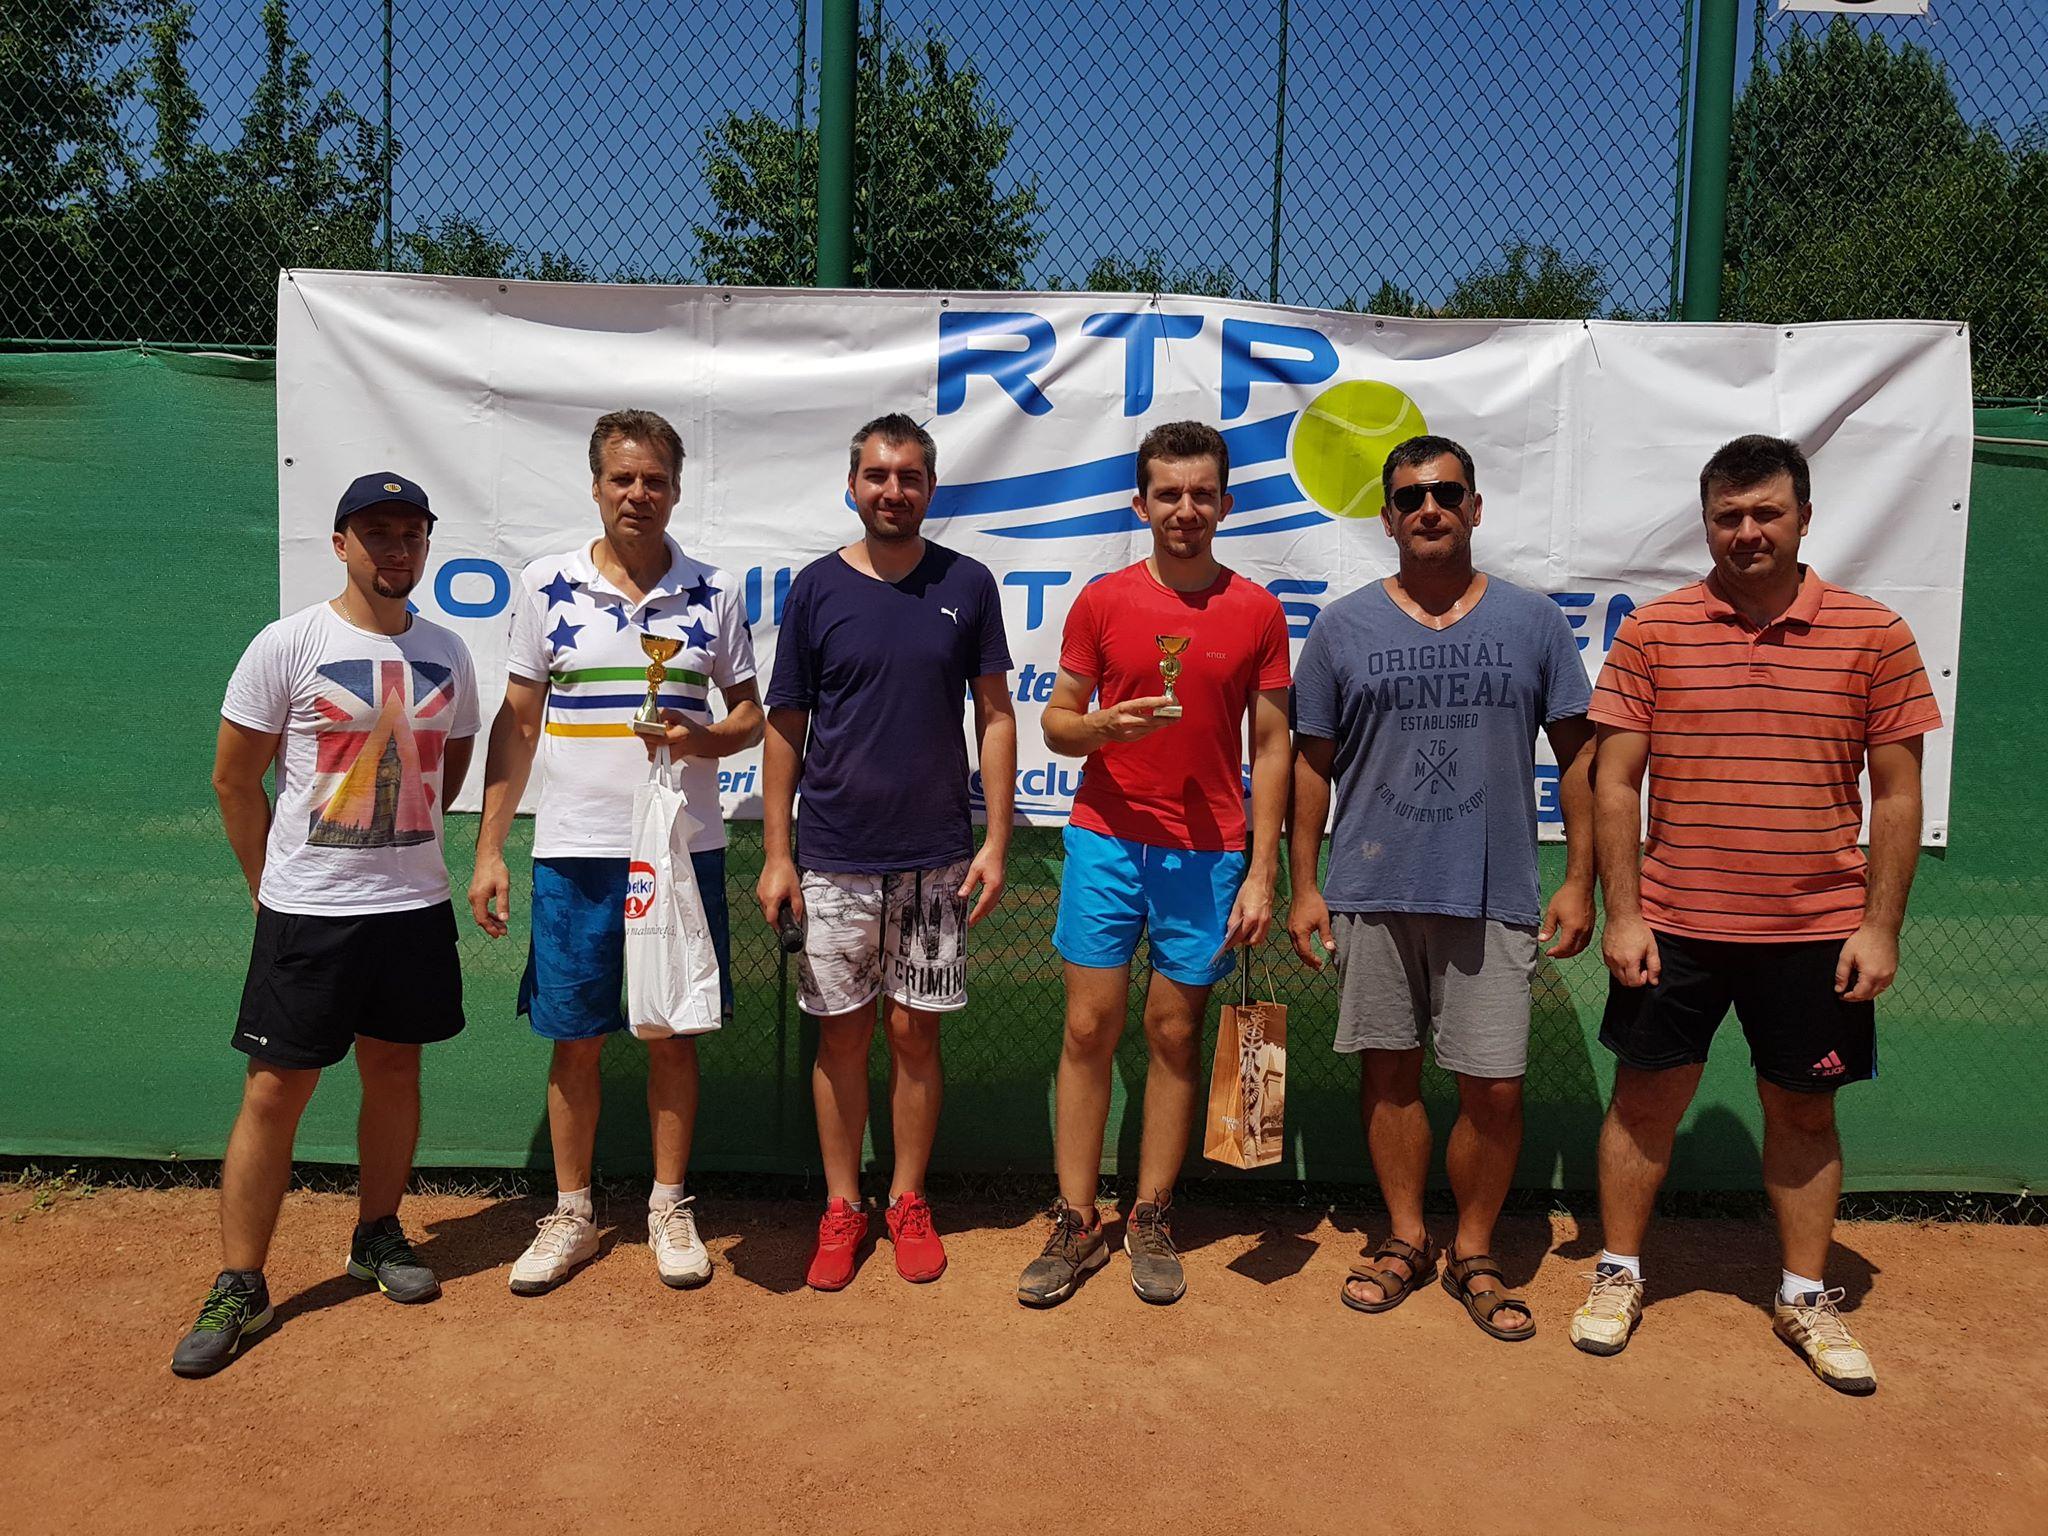 rtp 50 - rtp bucuresti cup 2018